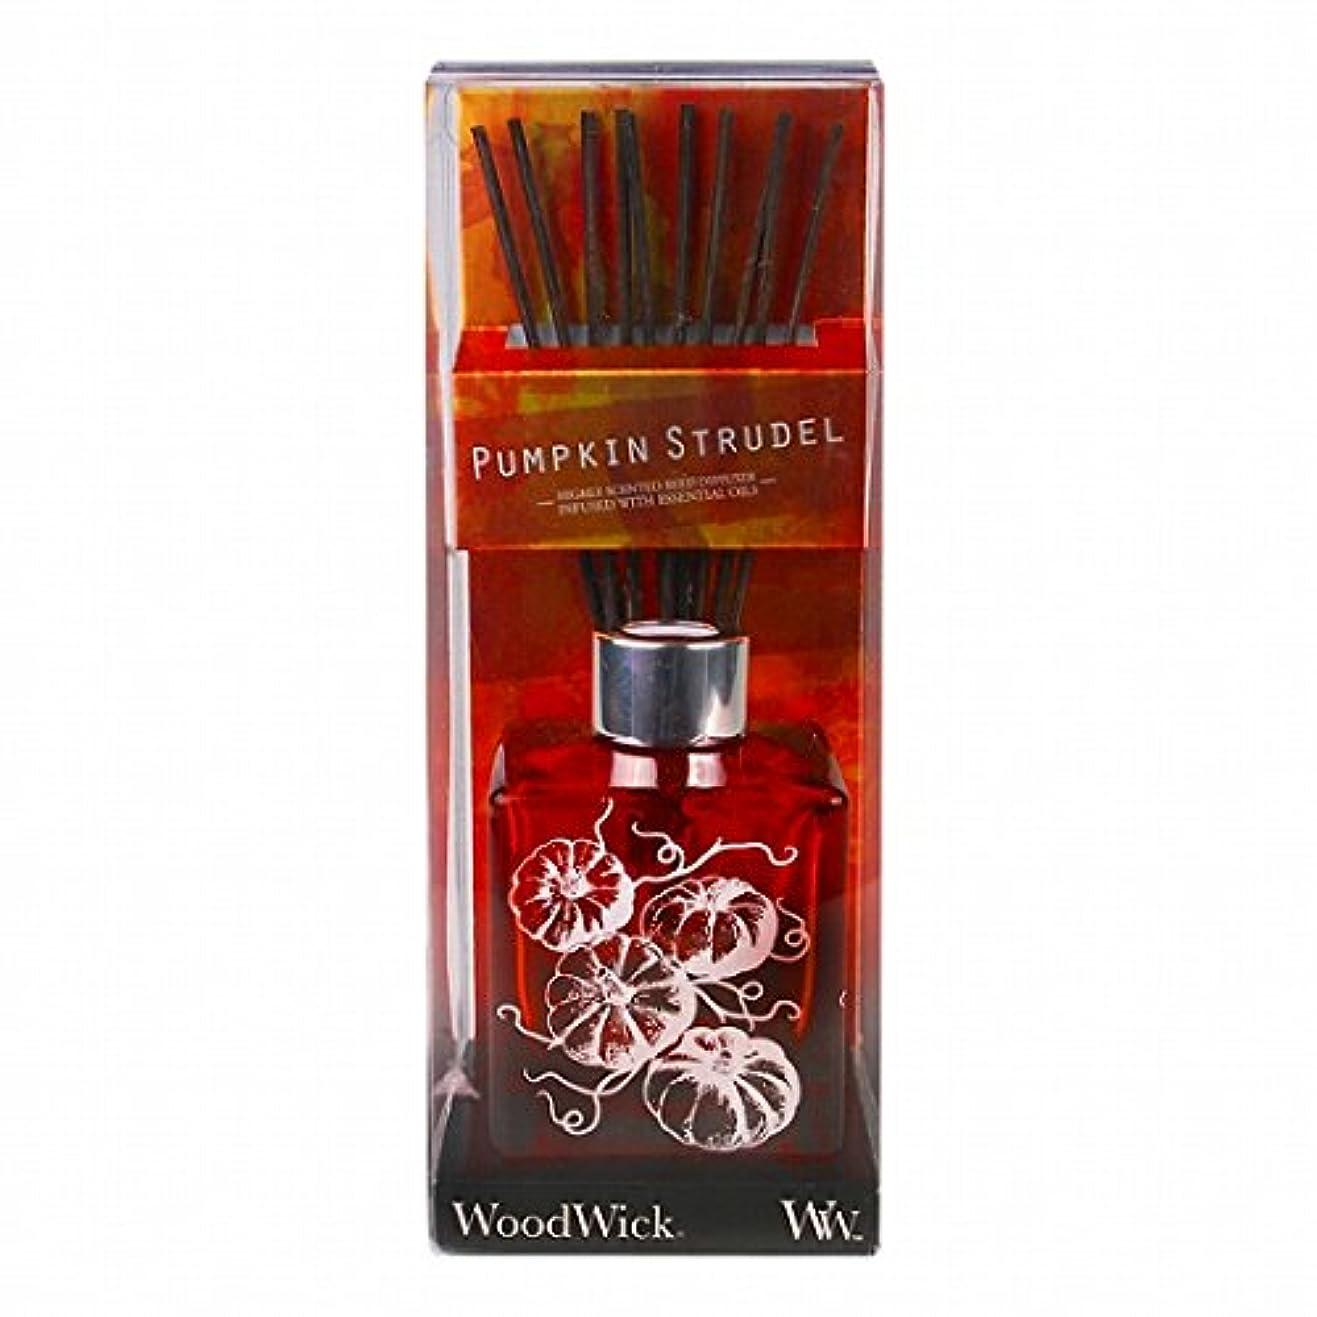 影響を受けやすいです追放痛いウッドウィック(WoodWick) Wood Wickダンシンググラスリードディフューザー 「 シュトルーデル 」